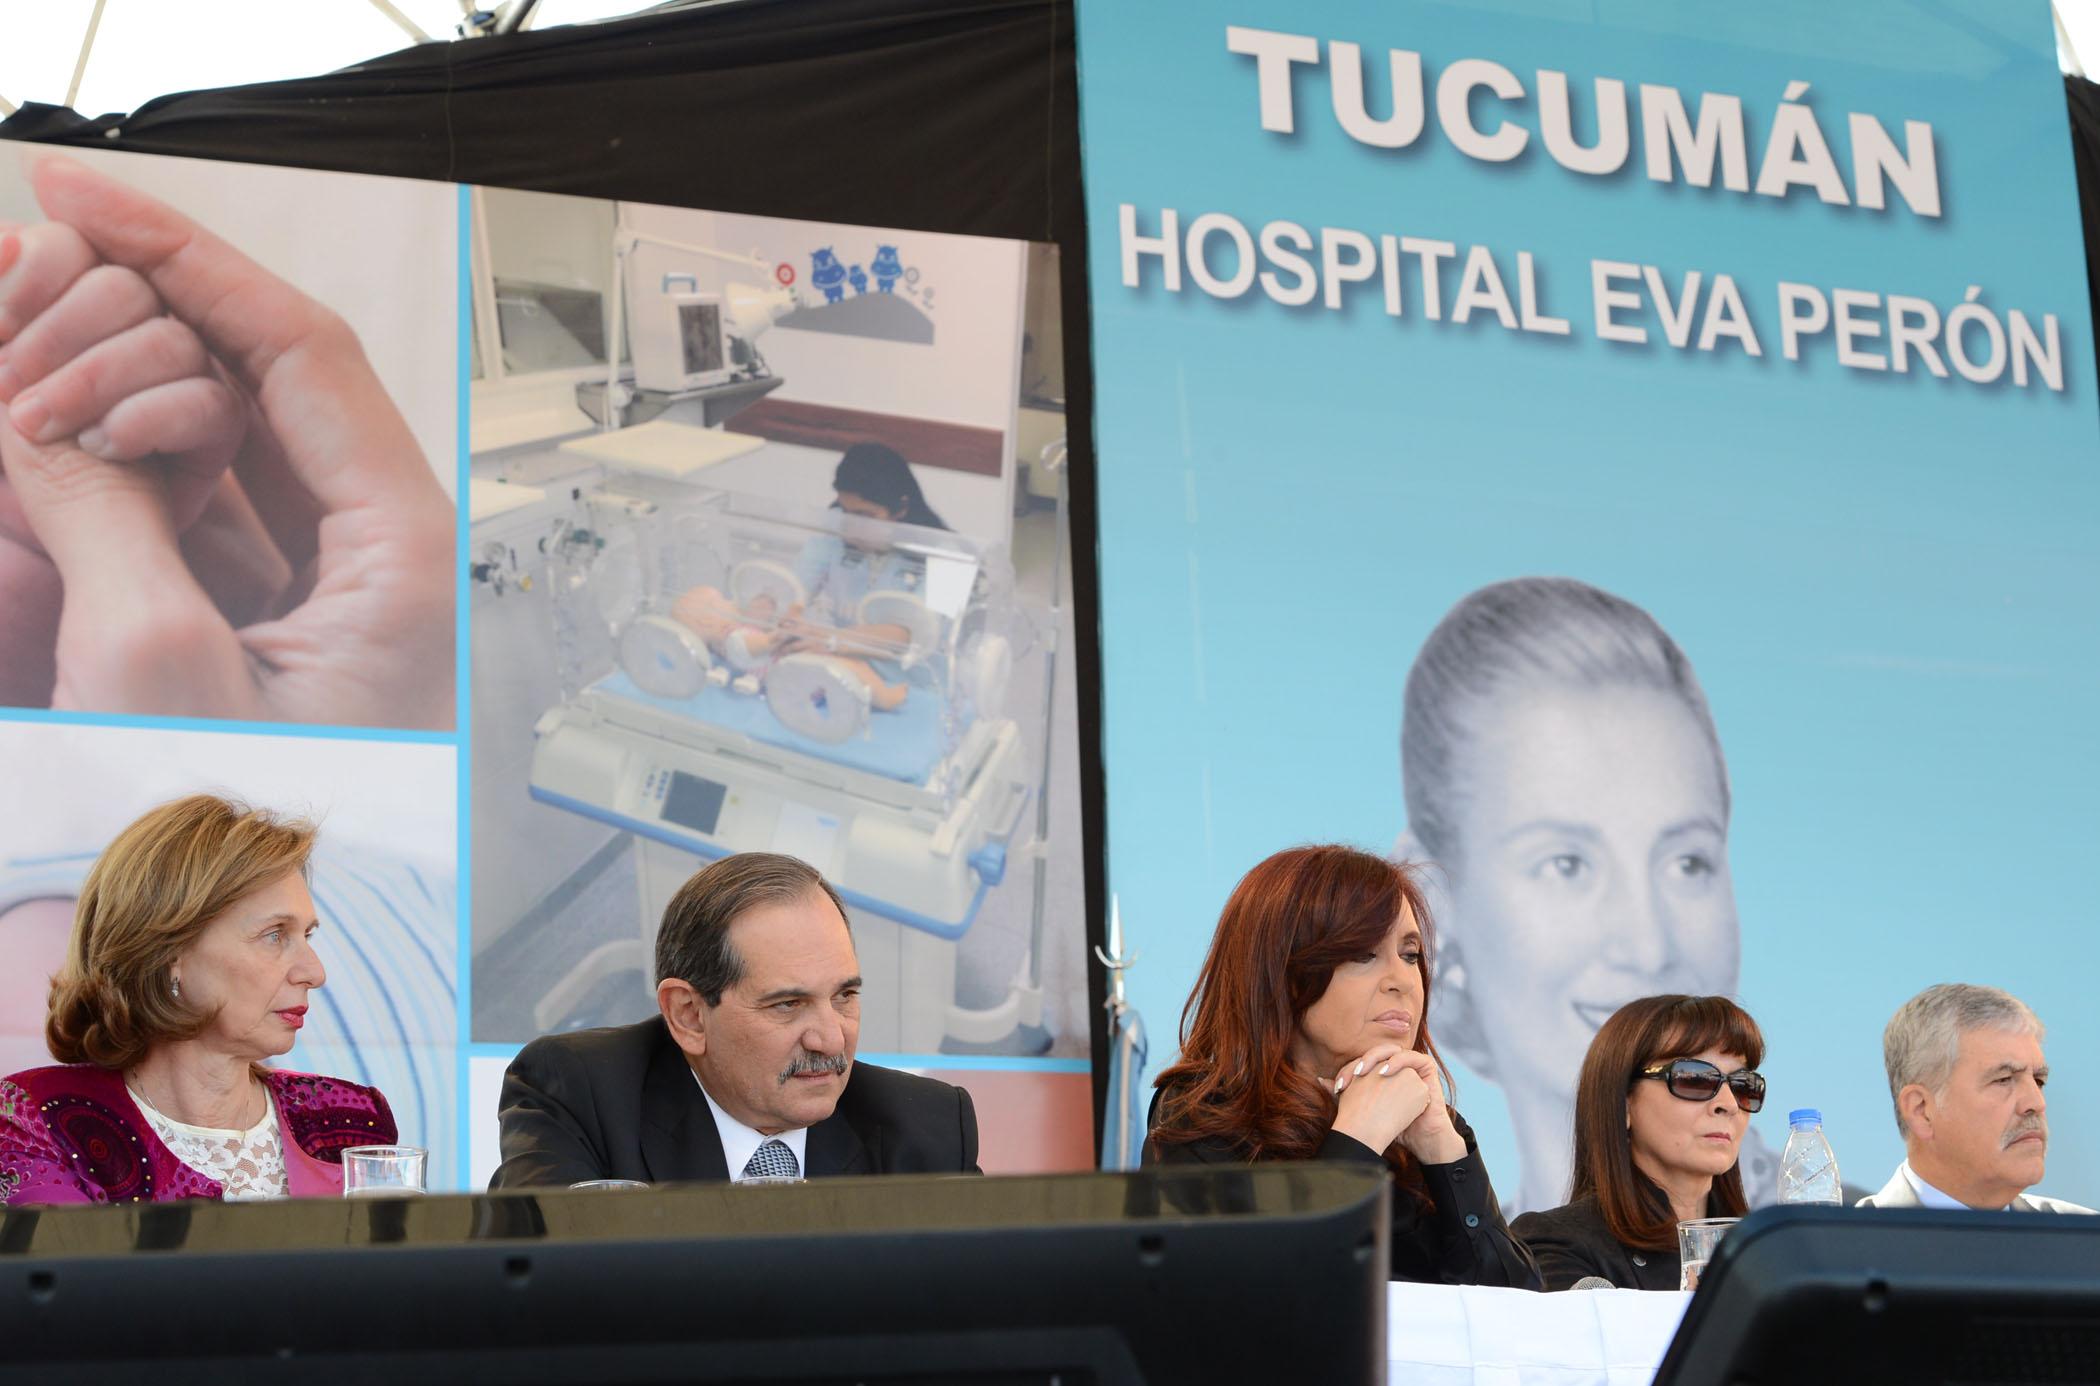 Cristina en Tucumán, en la inauguración del hospital Eva Perón